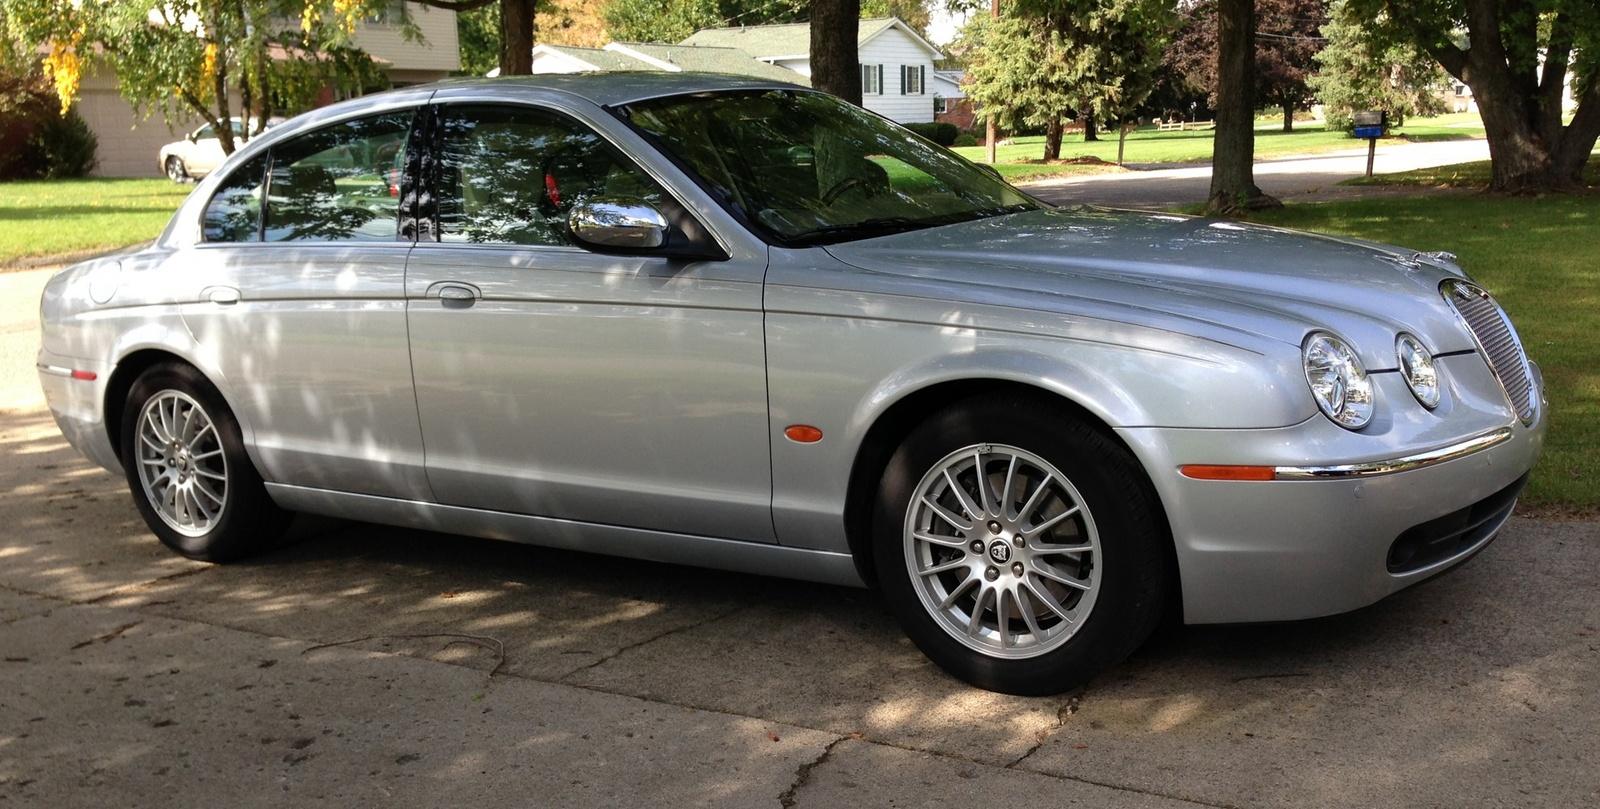 2007 Jaguar S-TYPE - Pictures - CarGurus